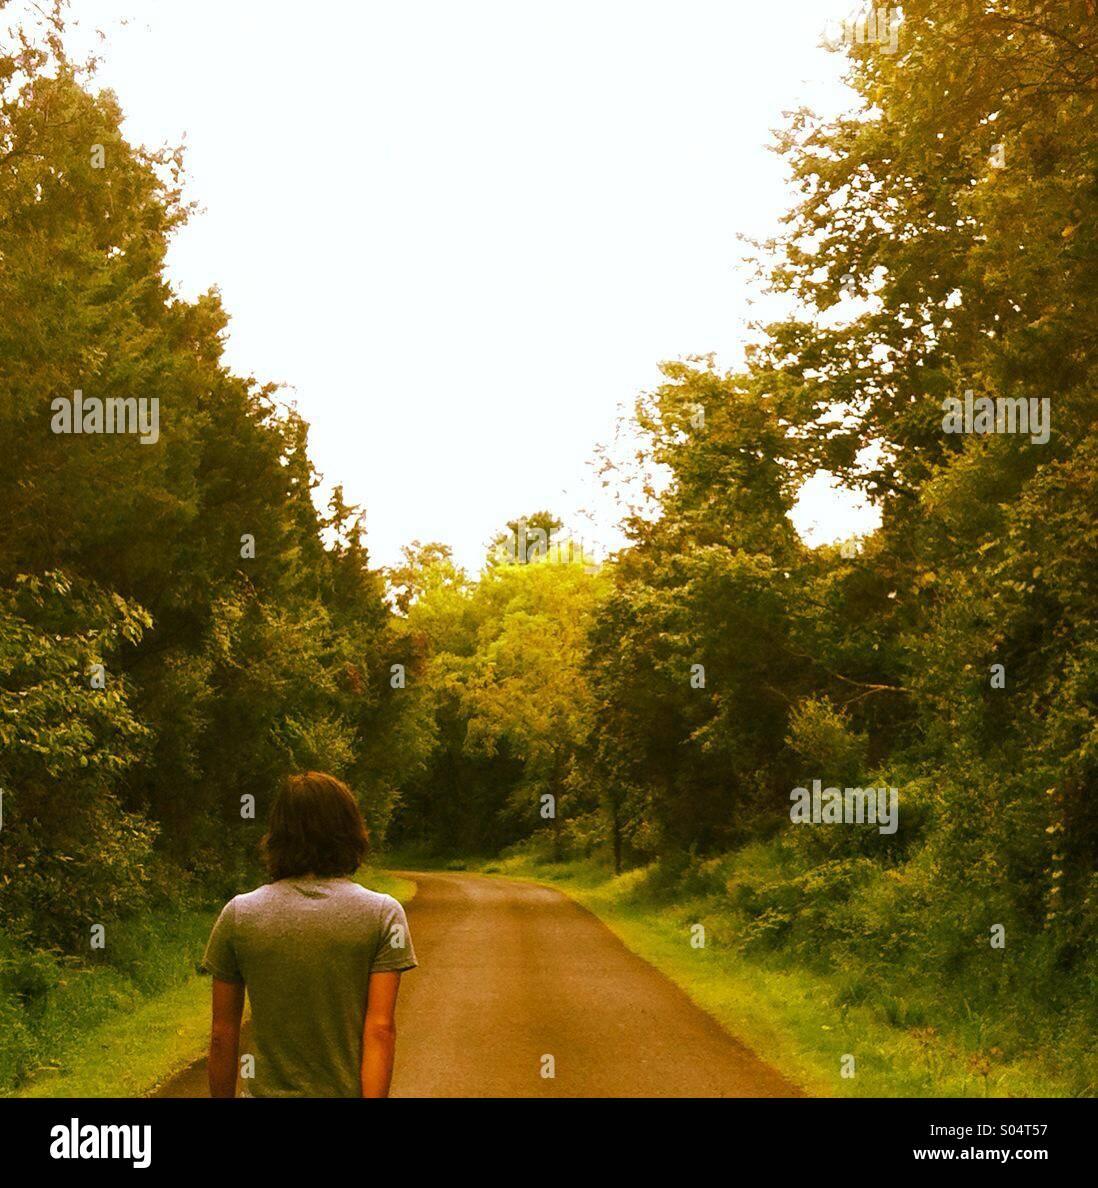 Ein junger Mann geht durch eine schmale Gasse, umgeben von Bäumen. Stockbild